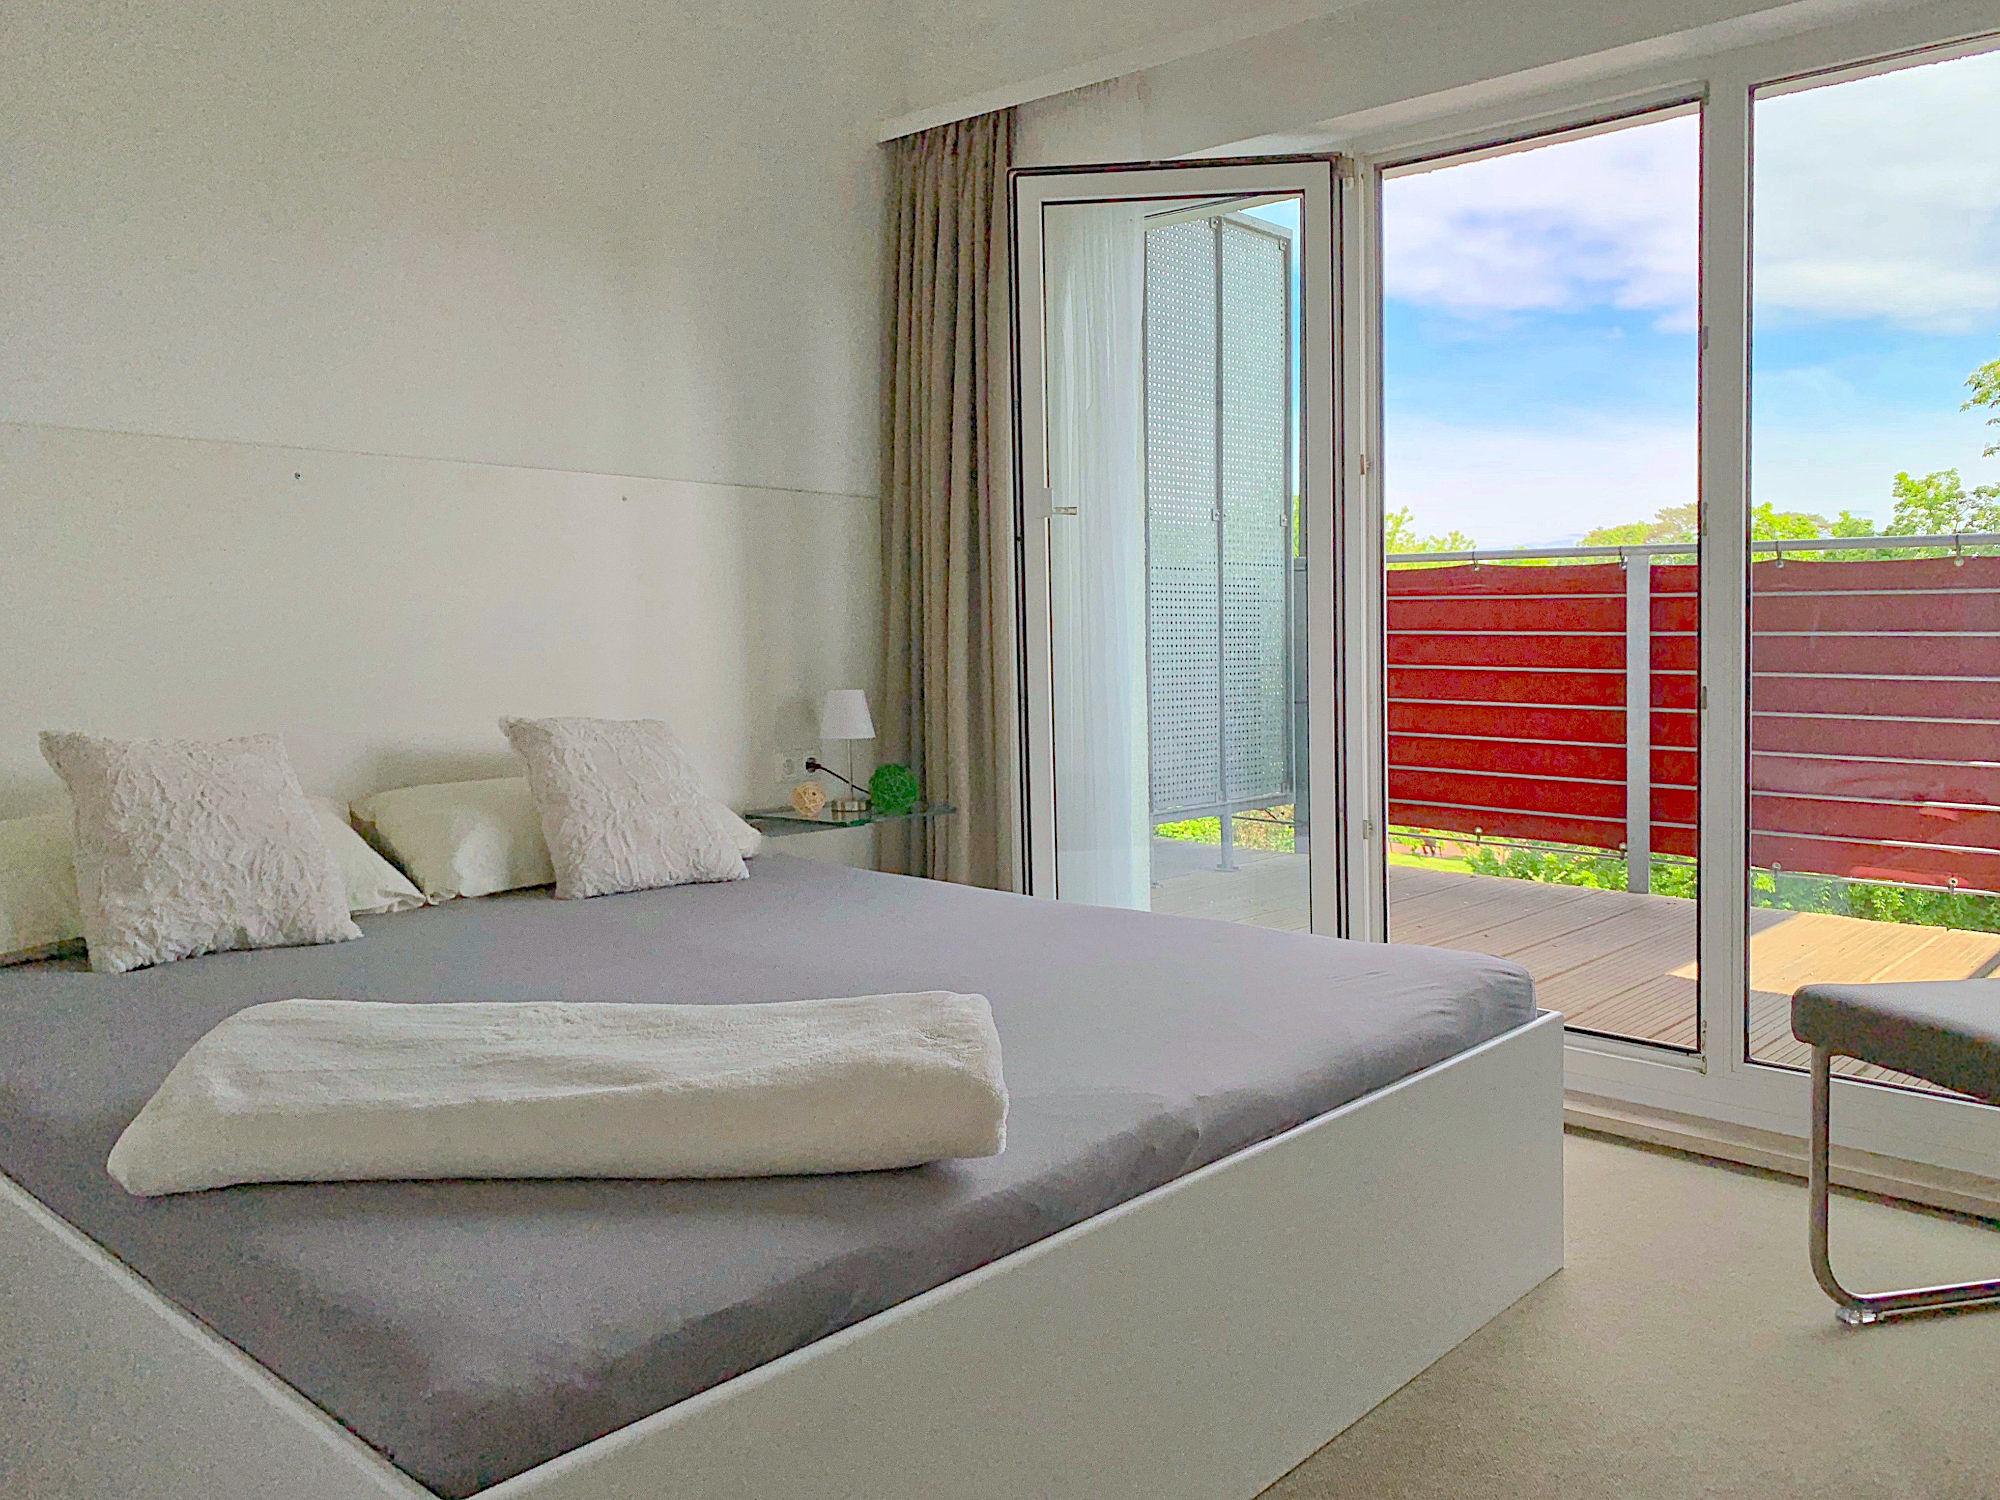 Schlafzimmer mit Doppelbett, dahinter bodentiefe Fenster mit Balkon